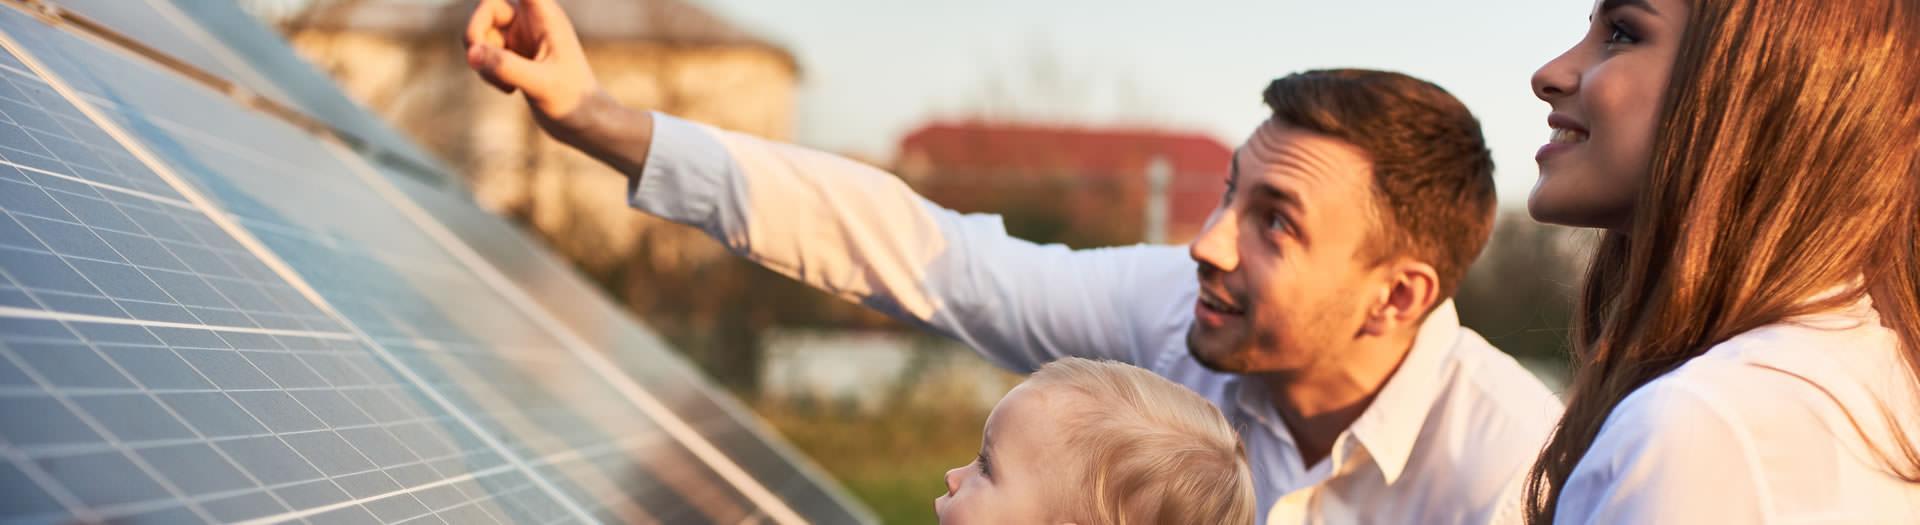 Famille qui regarde les panneaux solaires